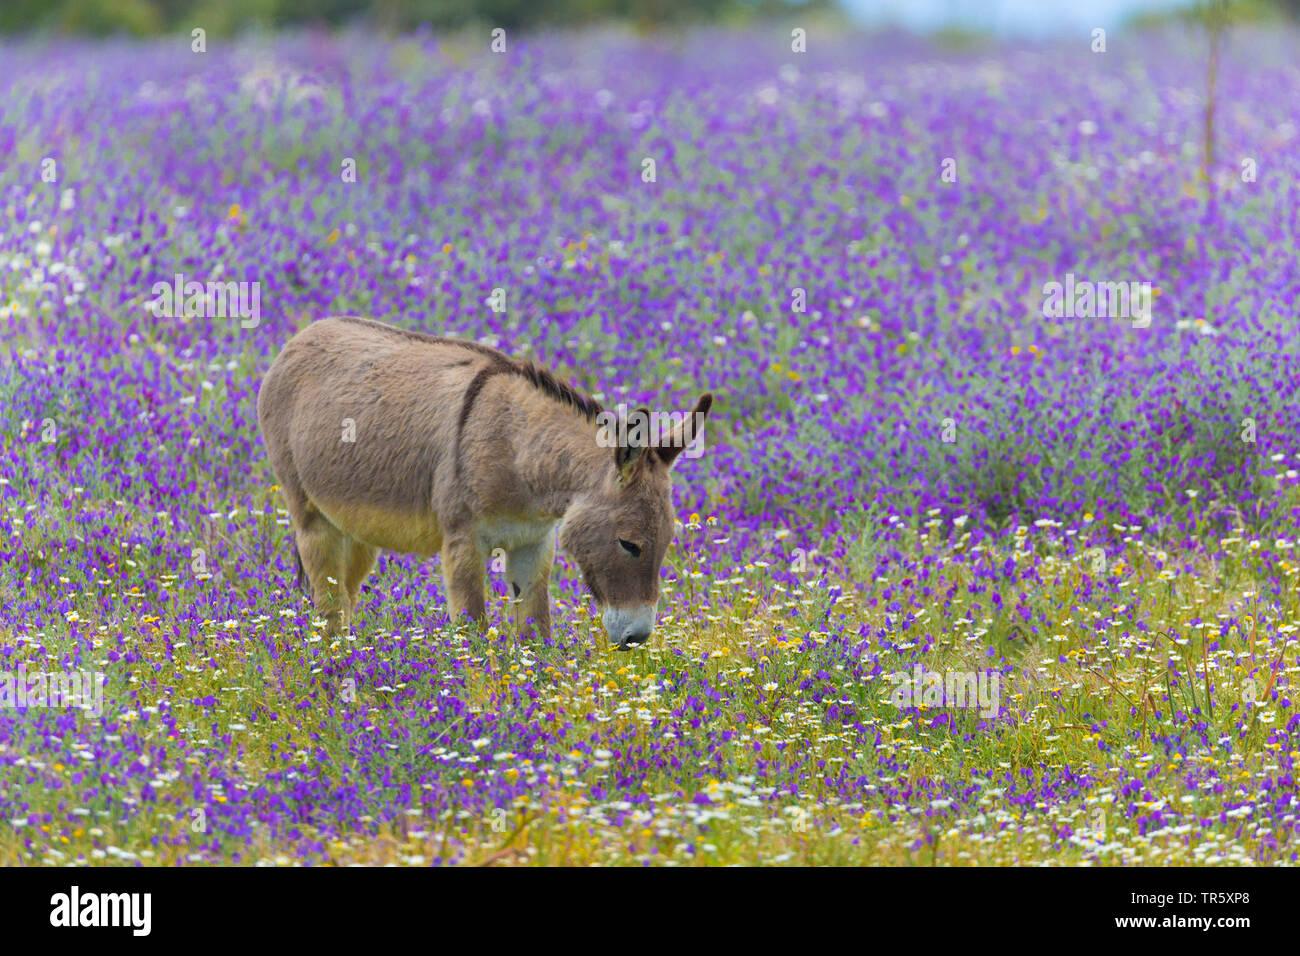 Hausesel Haus-Esel Esel,, (Equus asinus asinus), steht in einer bluehenden Blumenwiese und fais, Seitenansicht, Italie, Sardaigne, Alghero | Domesti Photo Stock